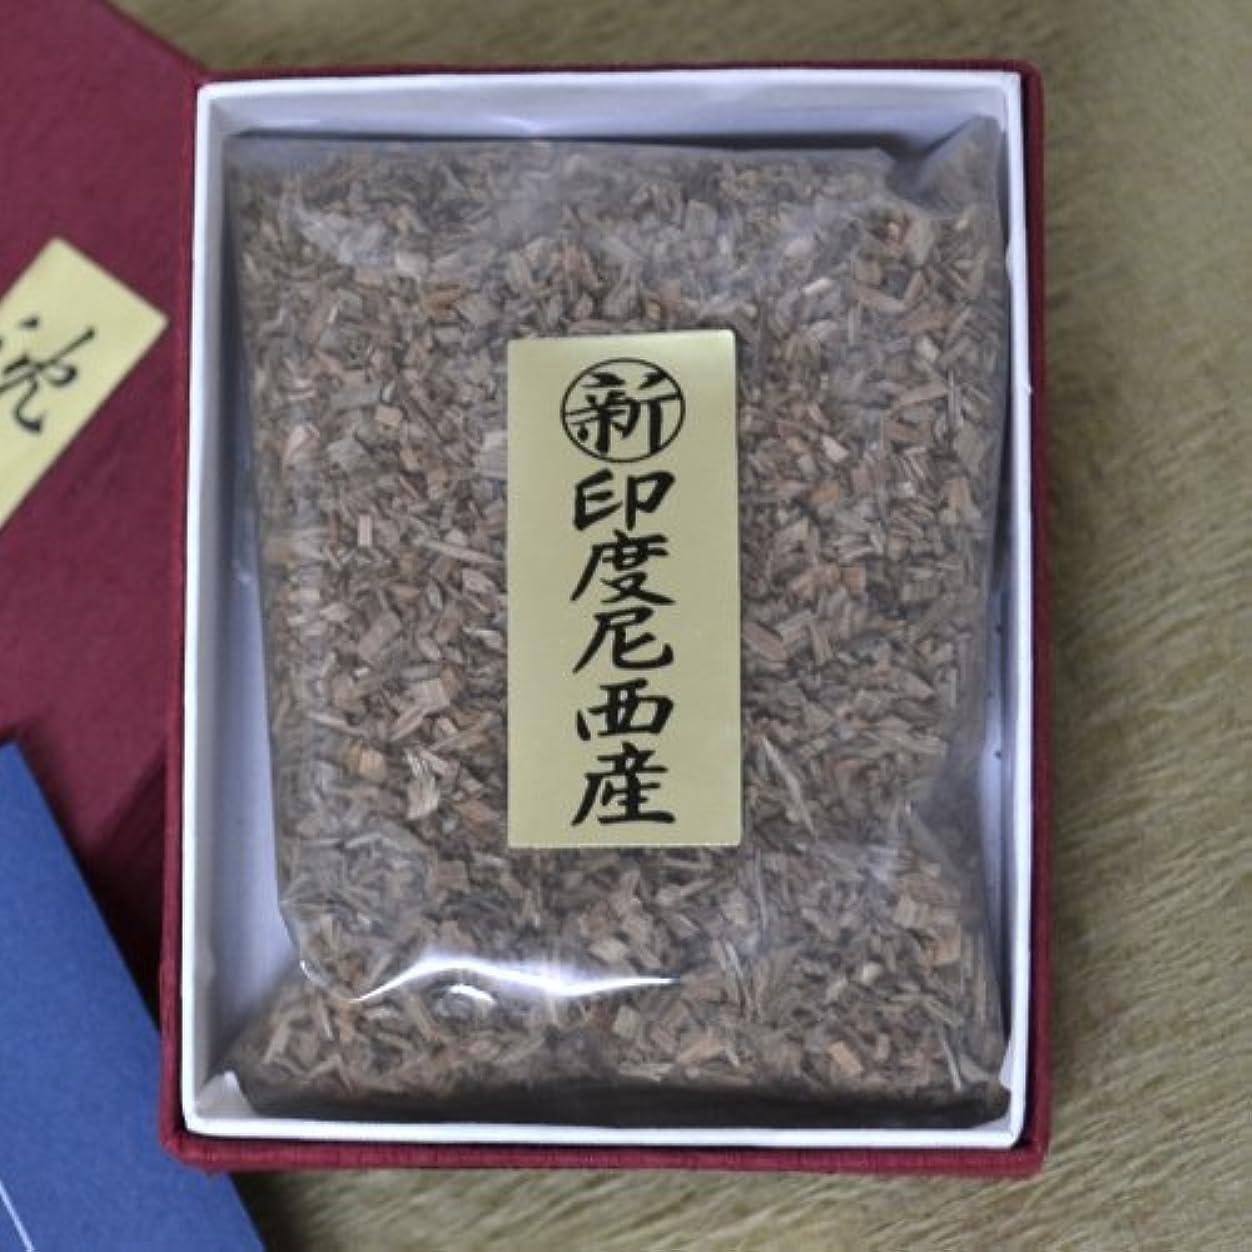 蒸発審判キャリッジ香木 お焼香 新インドネシア産 沈香 【最高級品】 18g